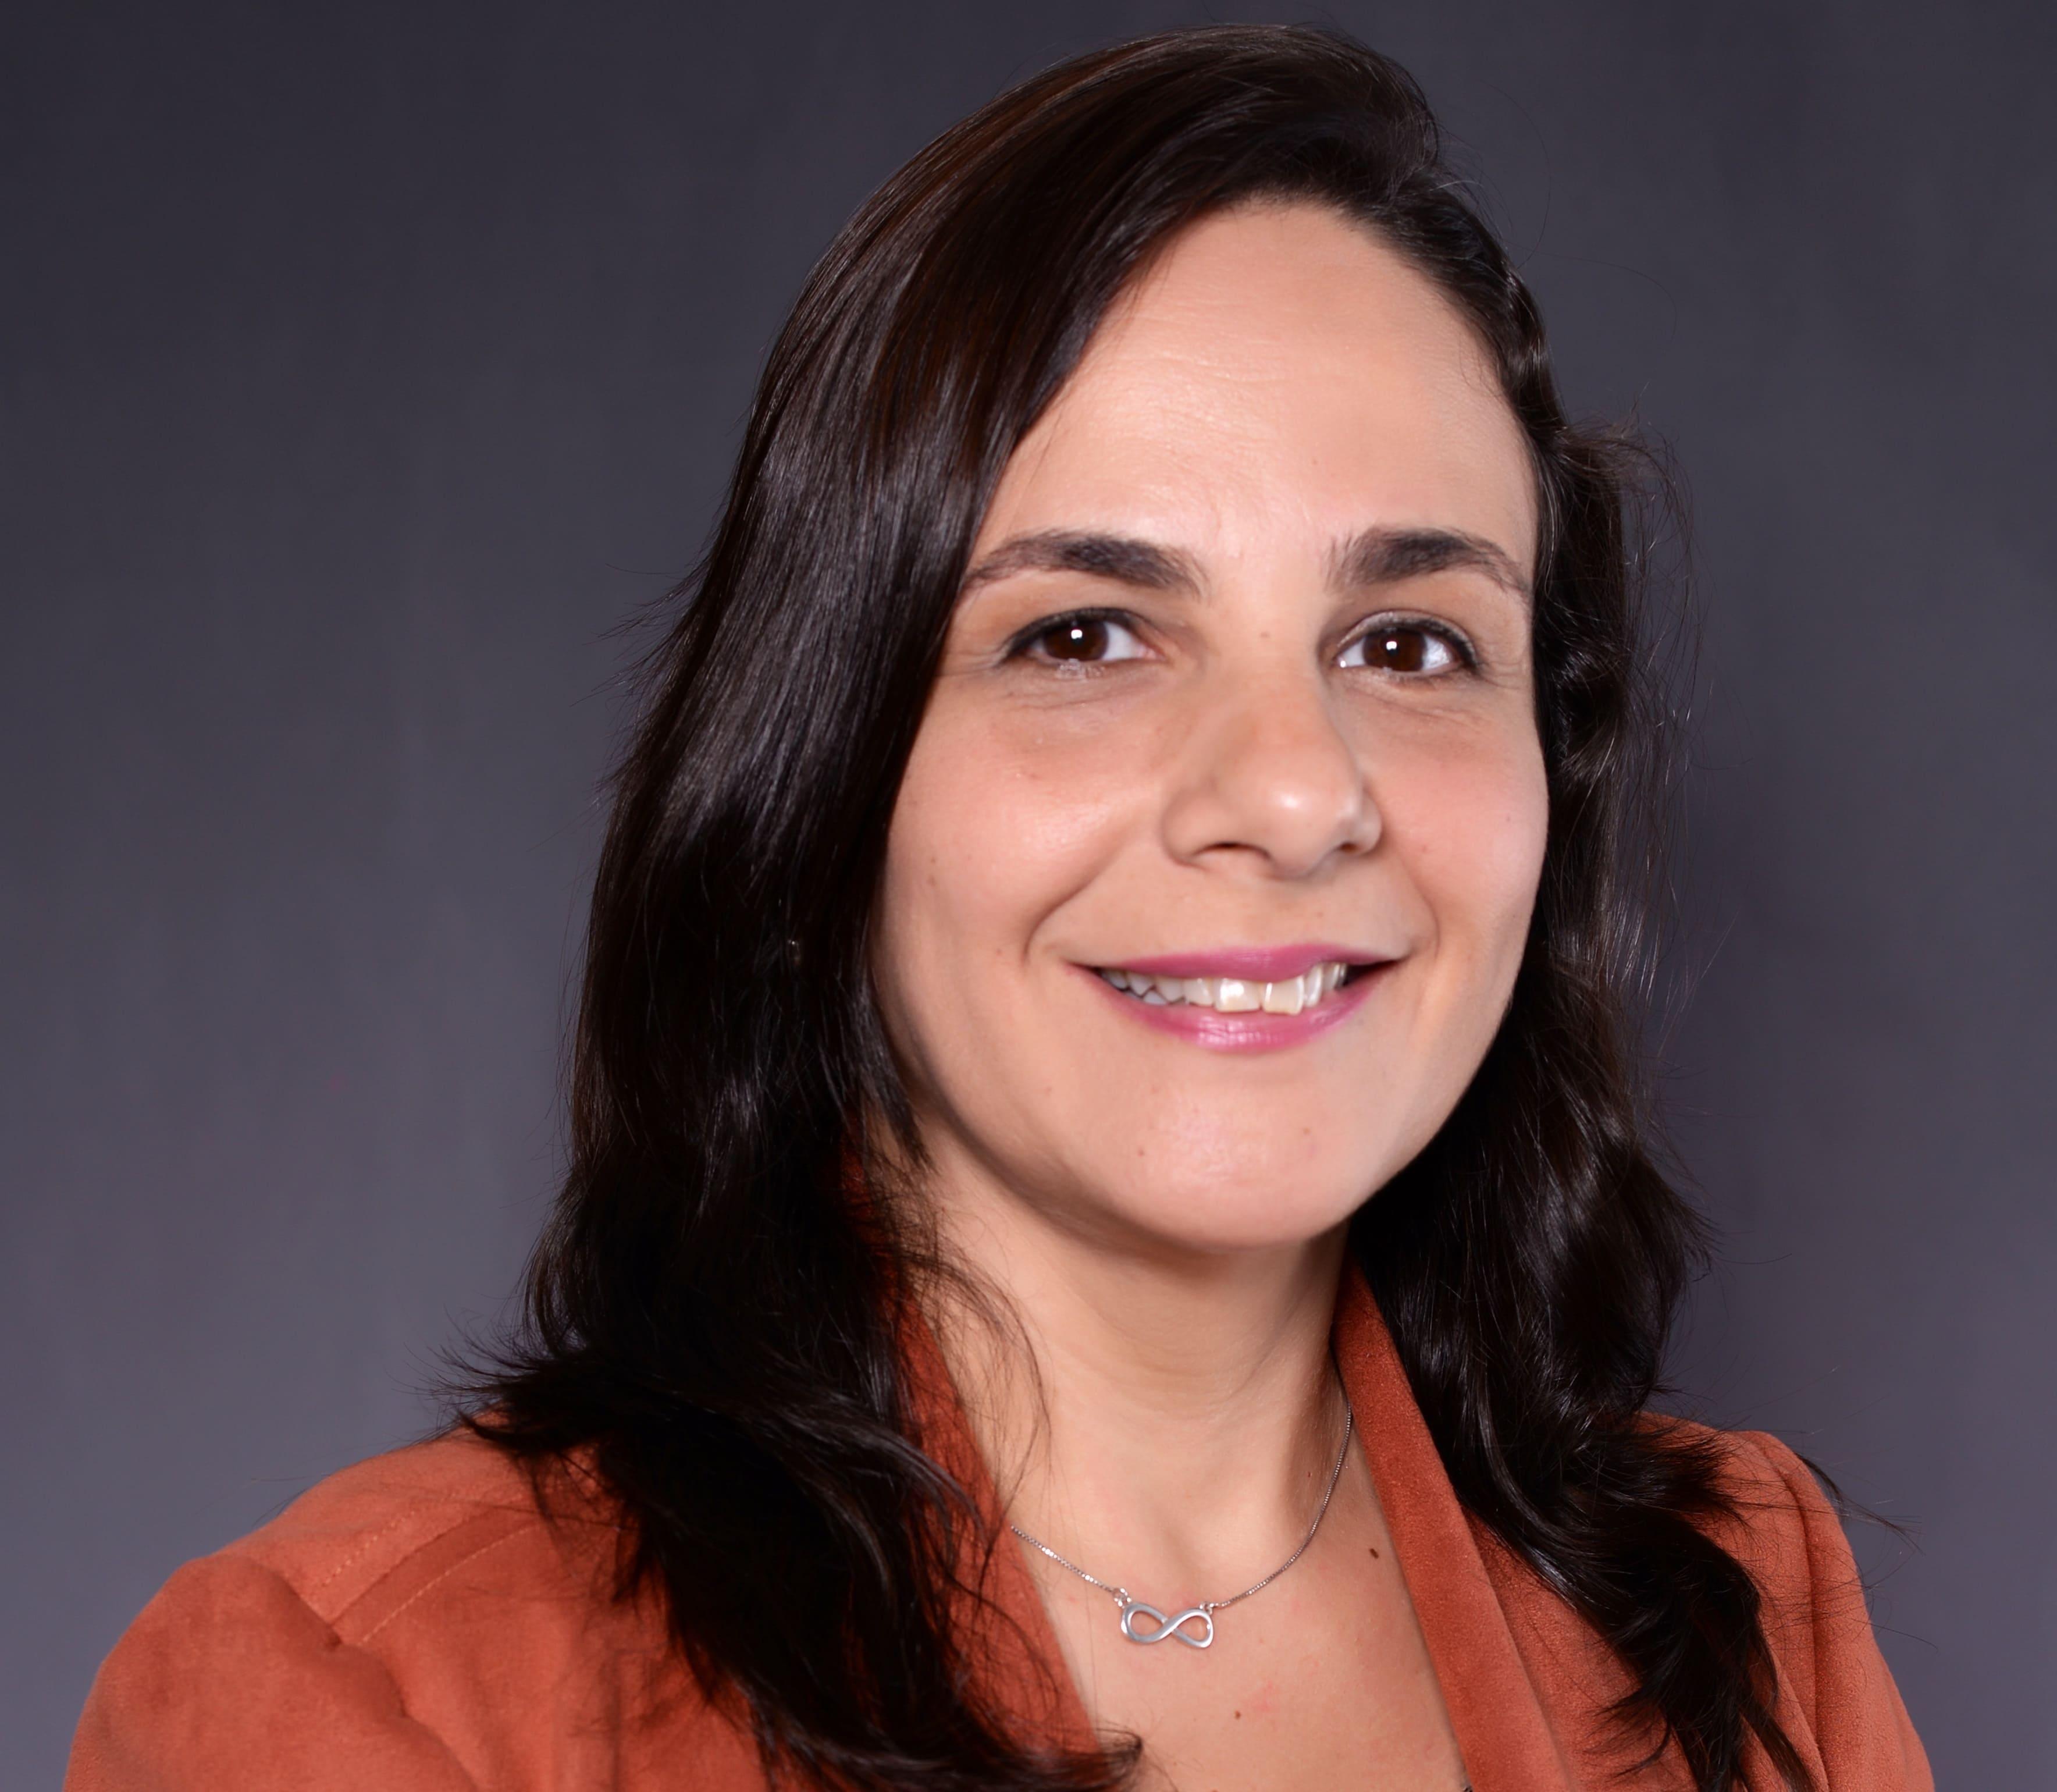 (Português do Brasil) Ana Claudia Paranaguá